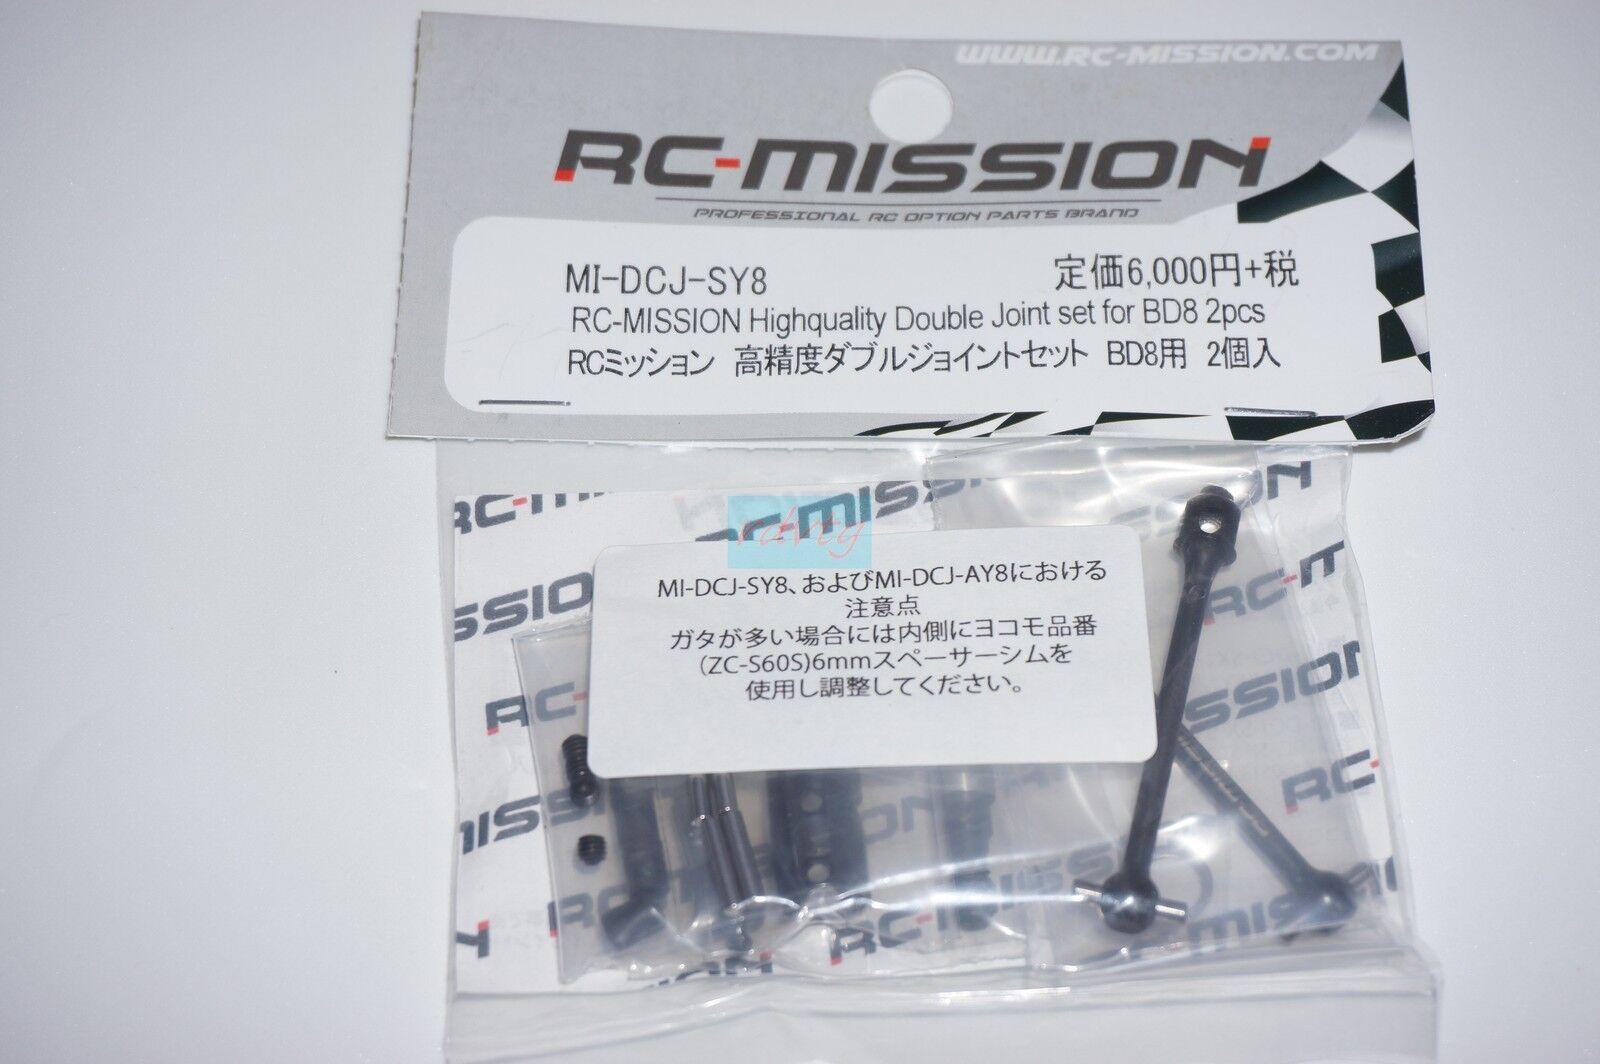 Yokomo BD8 Highquality Double Join Set/2pcs  RC-Mission/MI-DCJ-SY8